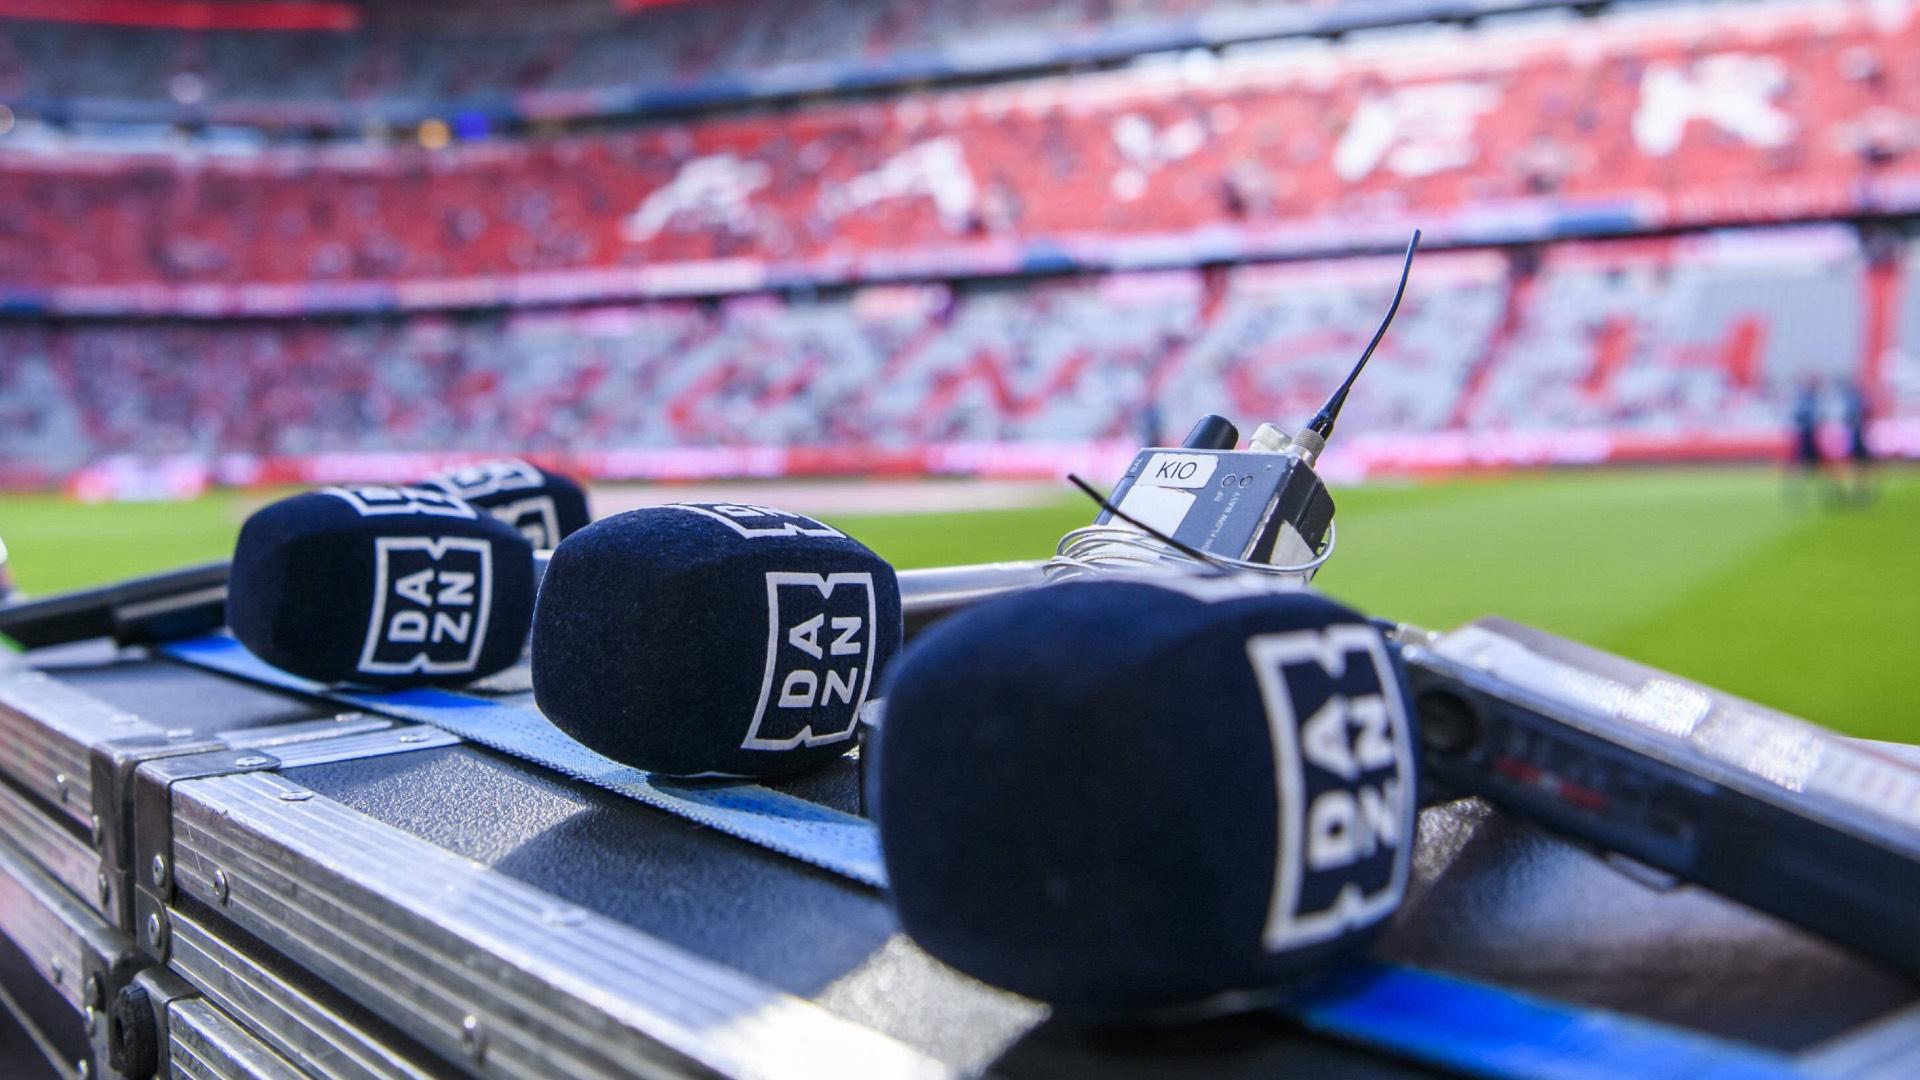 Mikrofone Allianz Arena Technik